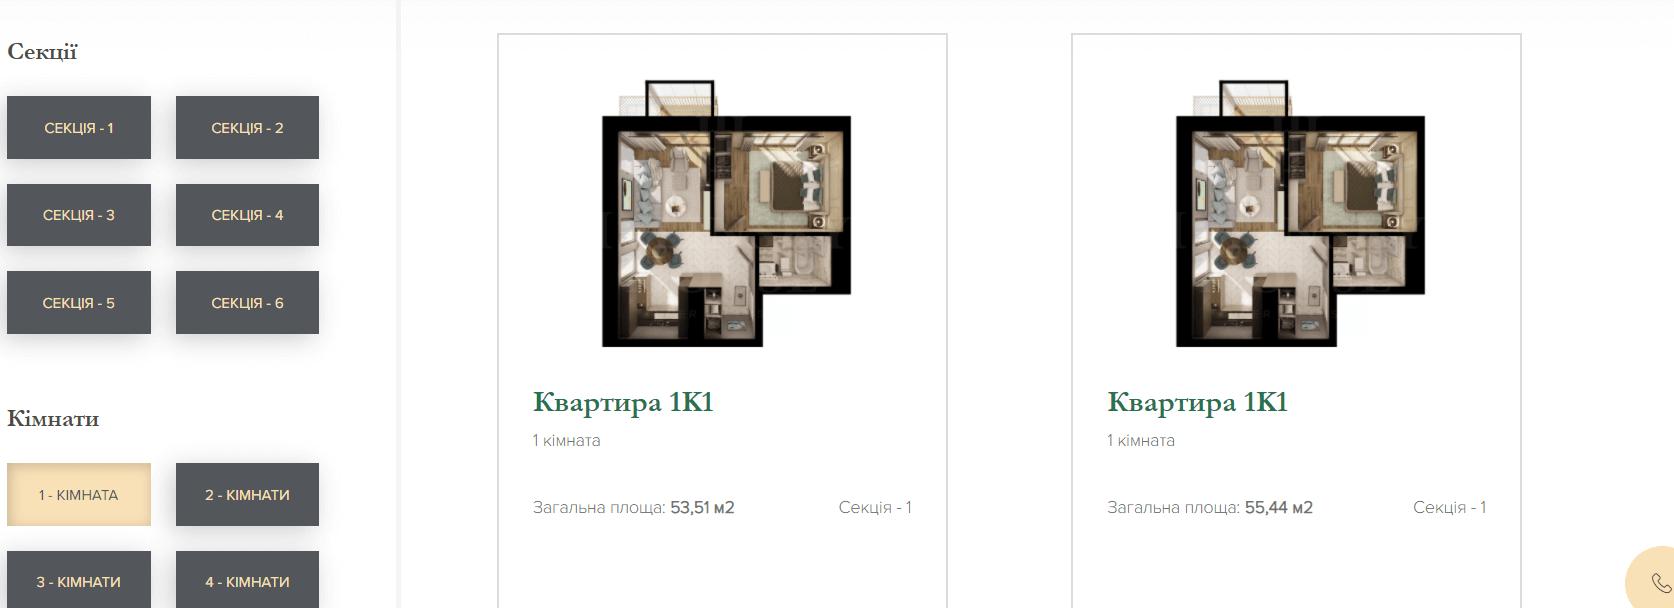 Пример простой навигации на сайте застройщика